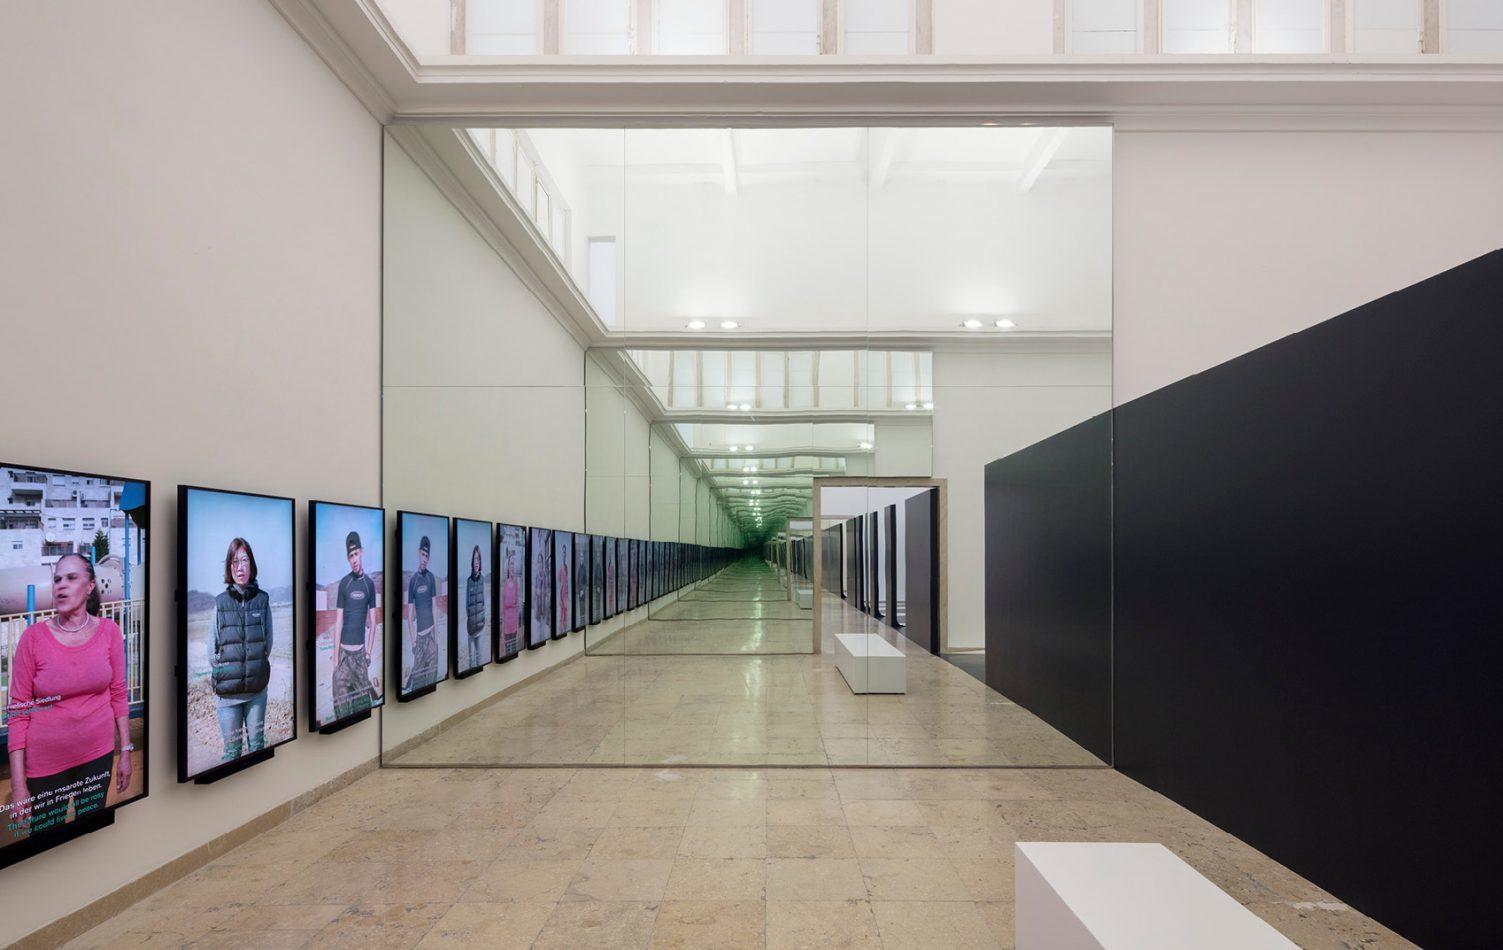 Biennale Venedig 2018: Unbuilding Walls von Graft Architekten und Marianna Birthler Foto: Jan Bitter